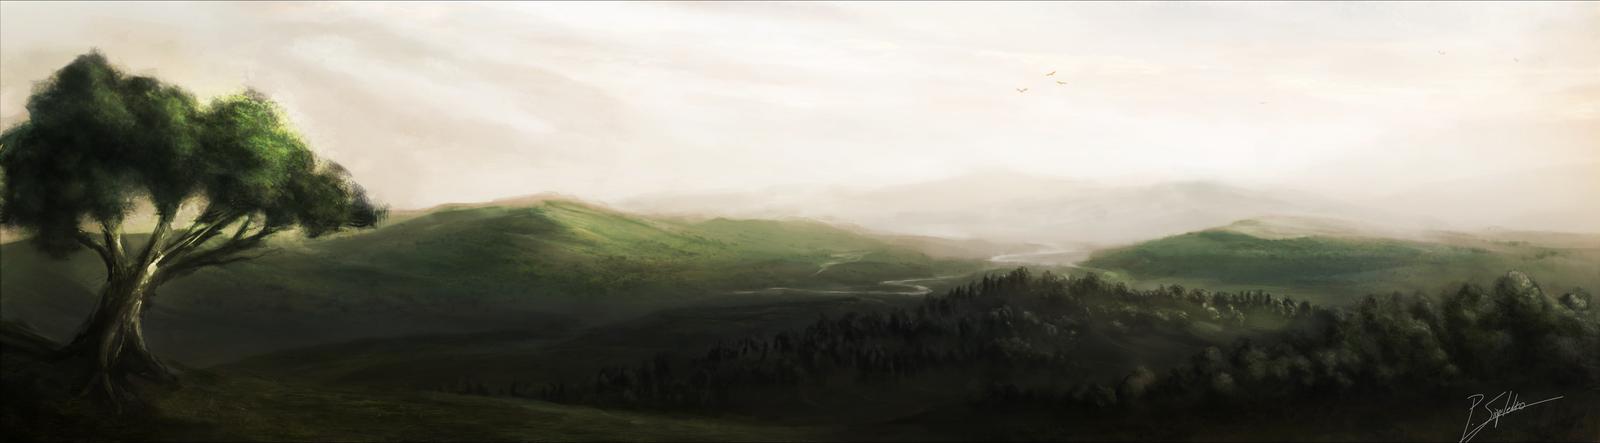 Horizon by psiipilehto